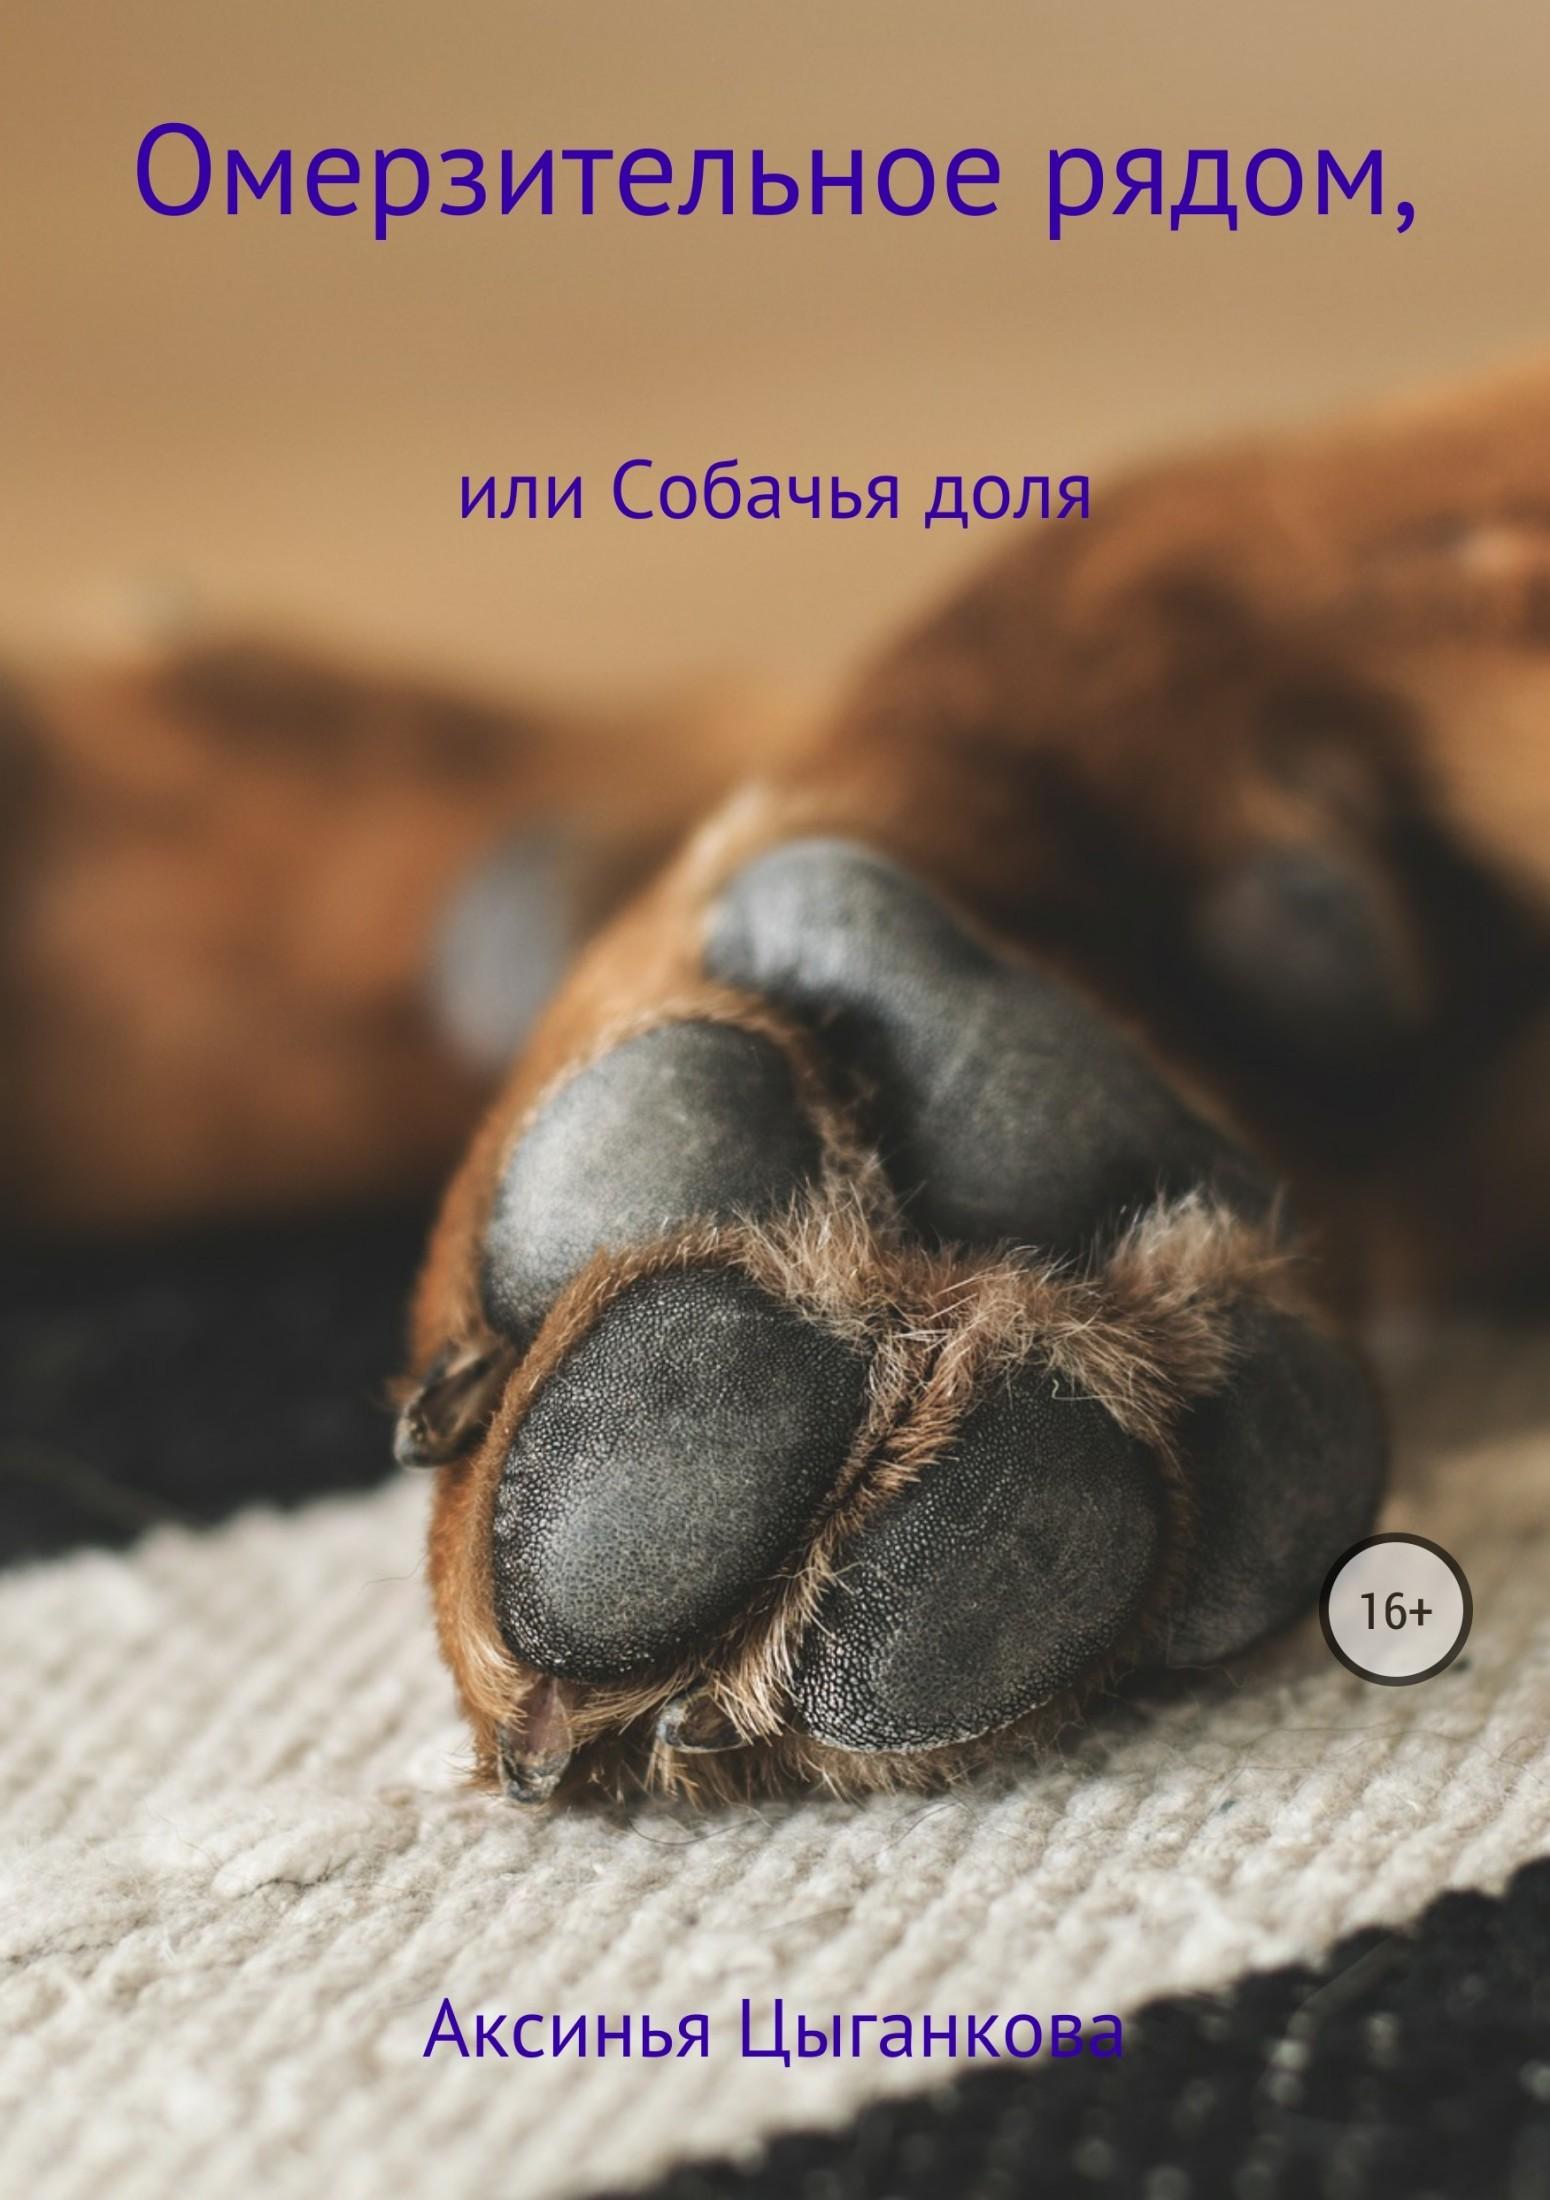 Аксинья Цыганкова «Омерзительное рядом, или Собачья доля»